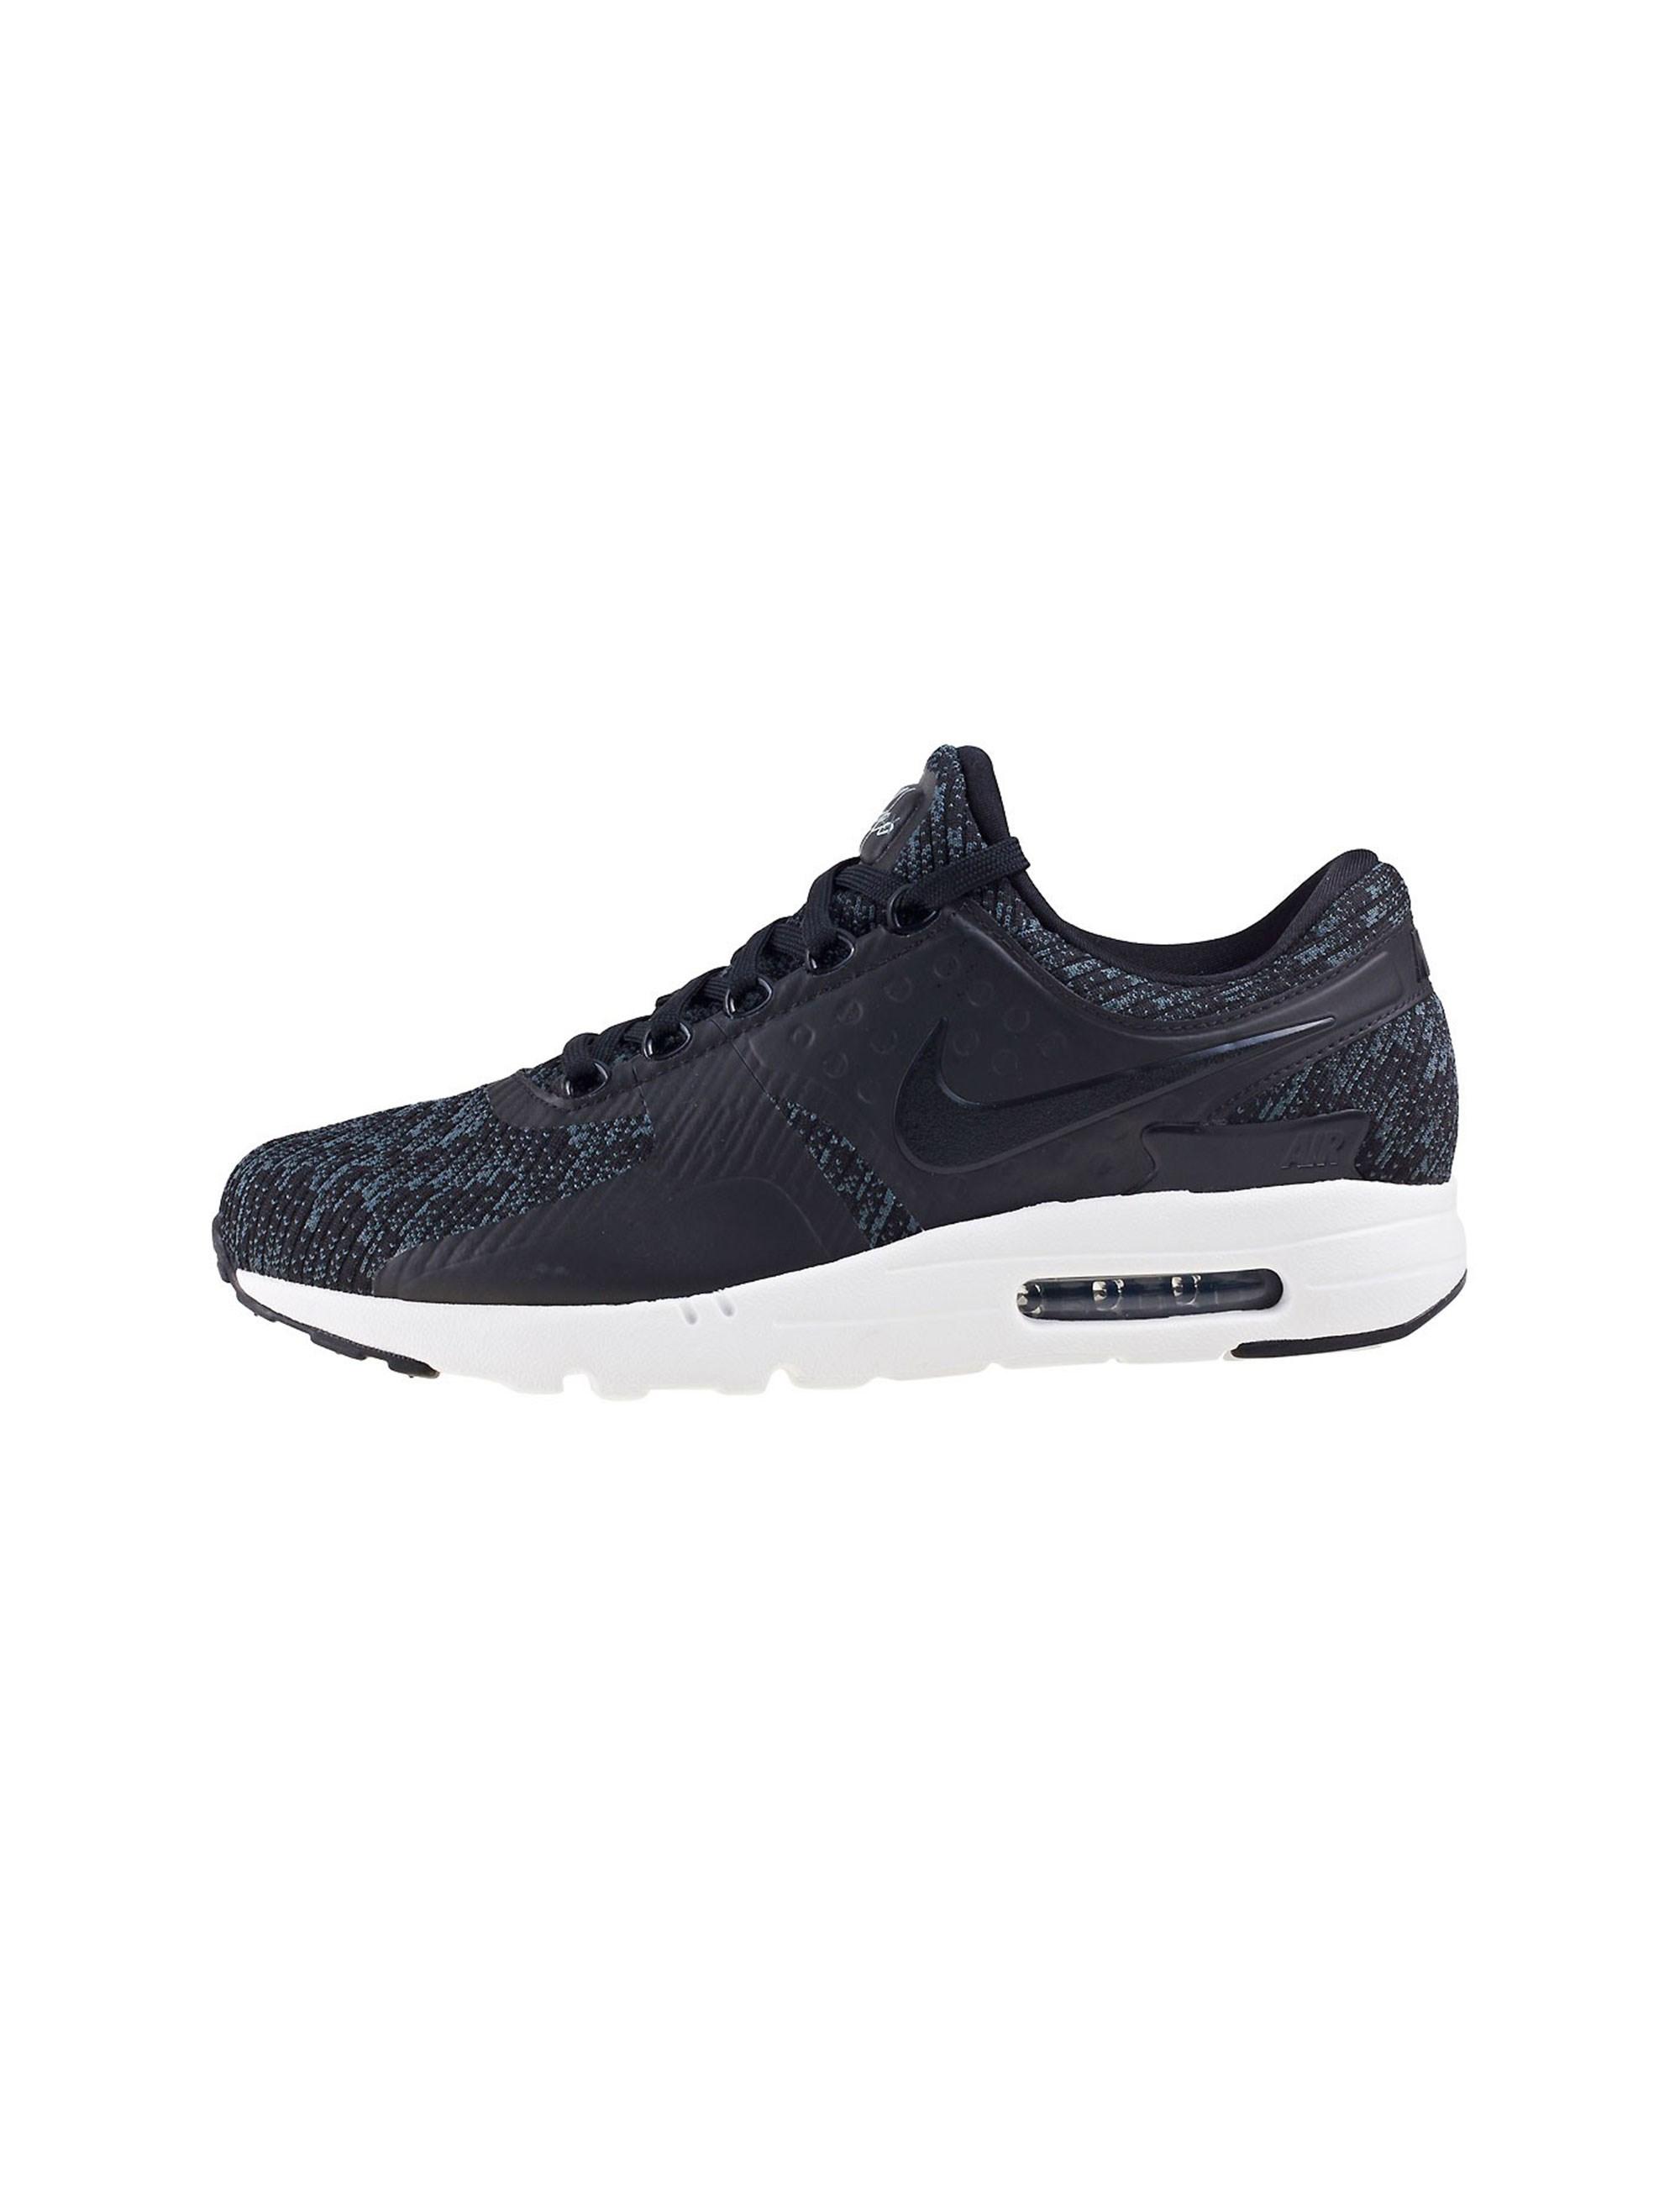 قیمت کفش دویدن بندی مردانه Air Max Zero Se - نایکی